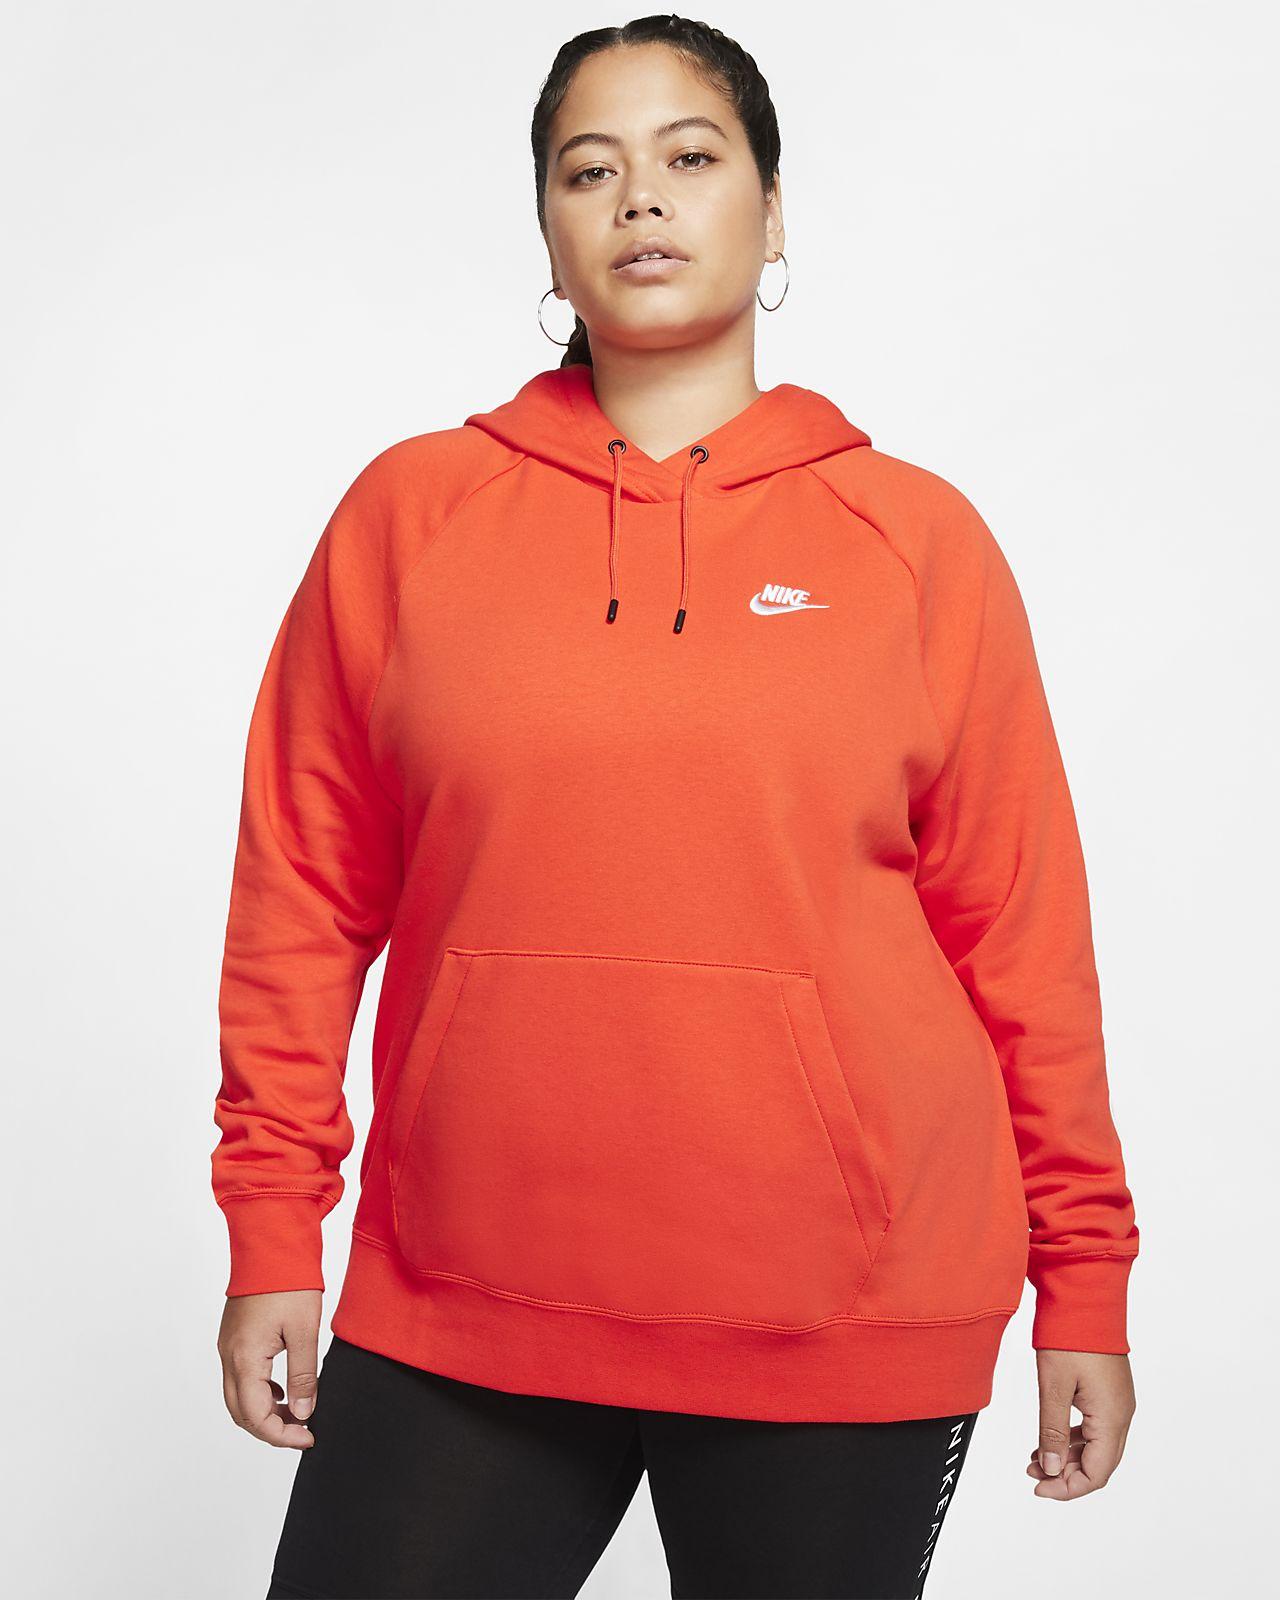 nike pullover orange damen